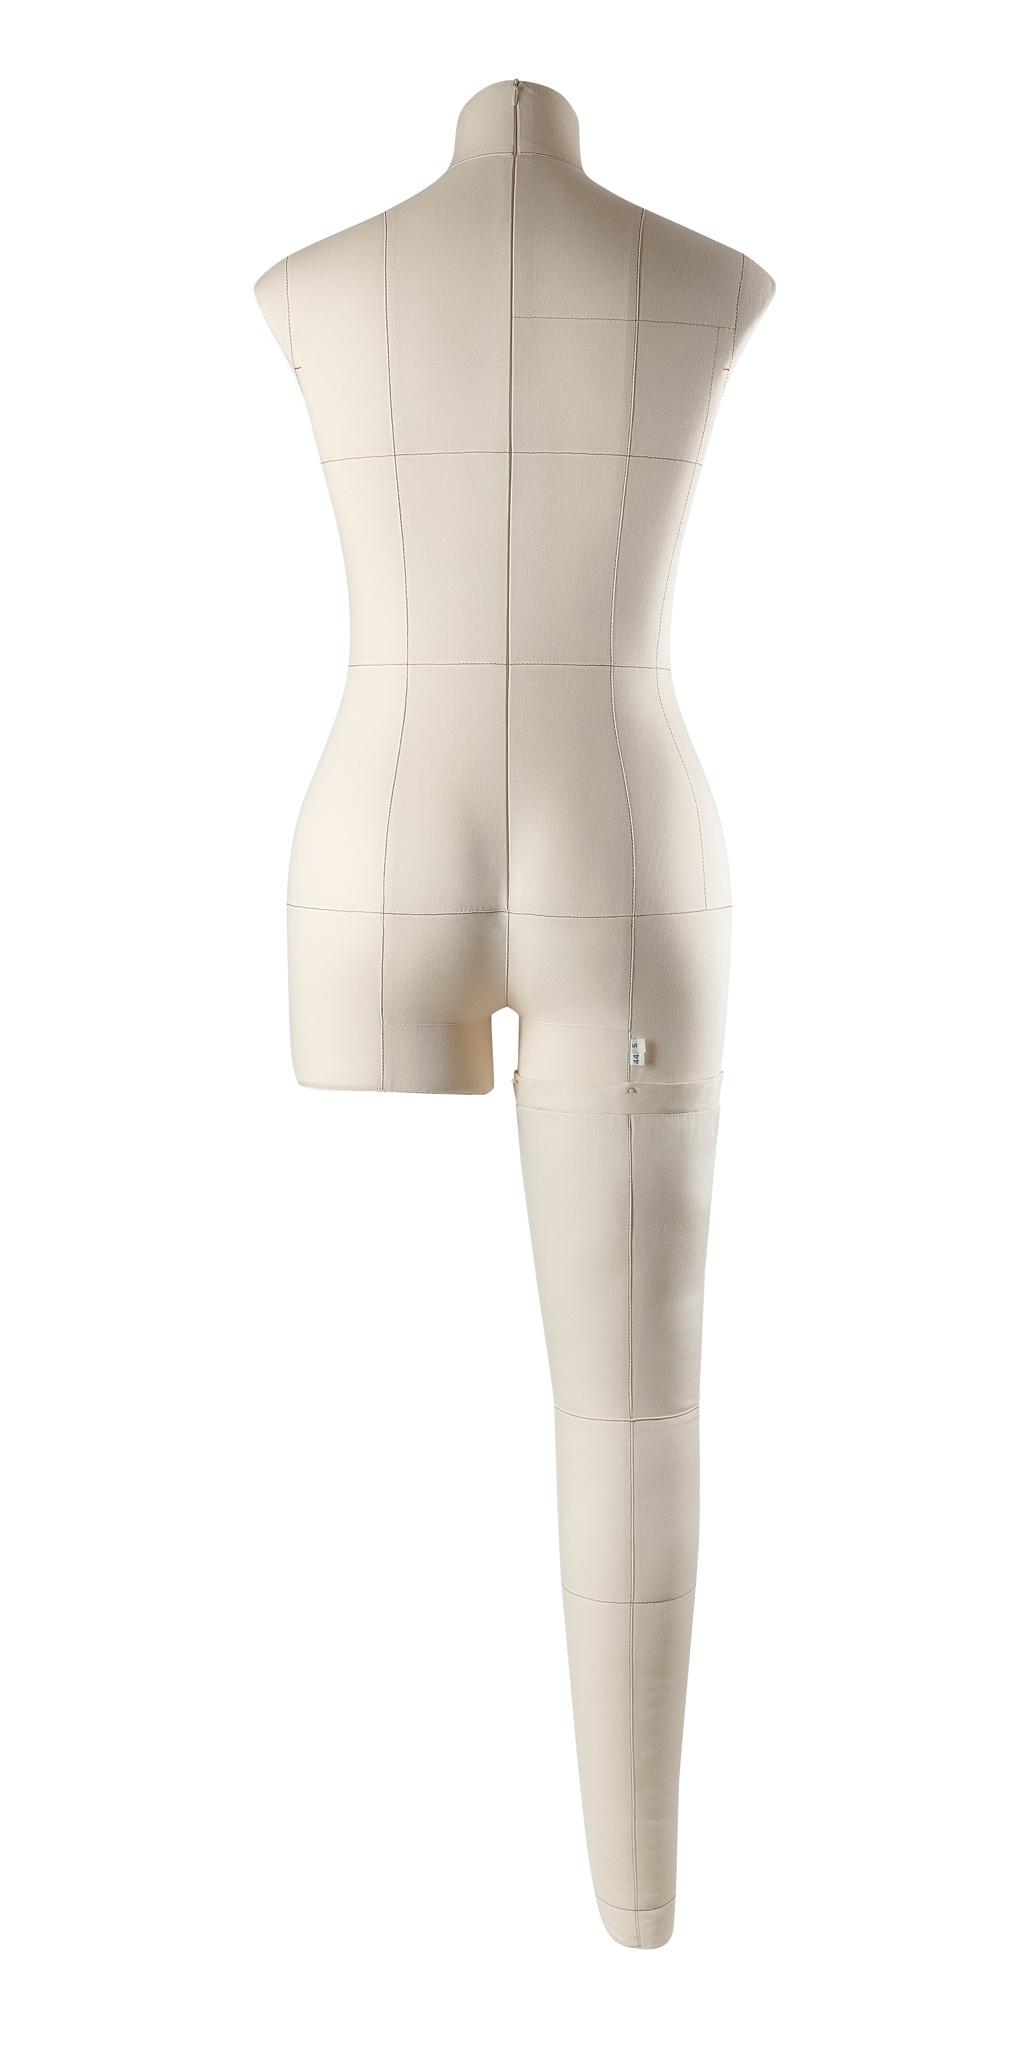 Нога бежевая для манекена Моника, размер 44Фото 3